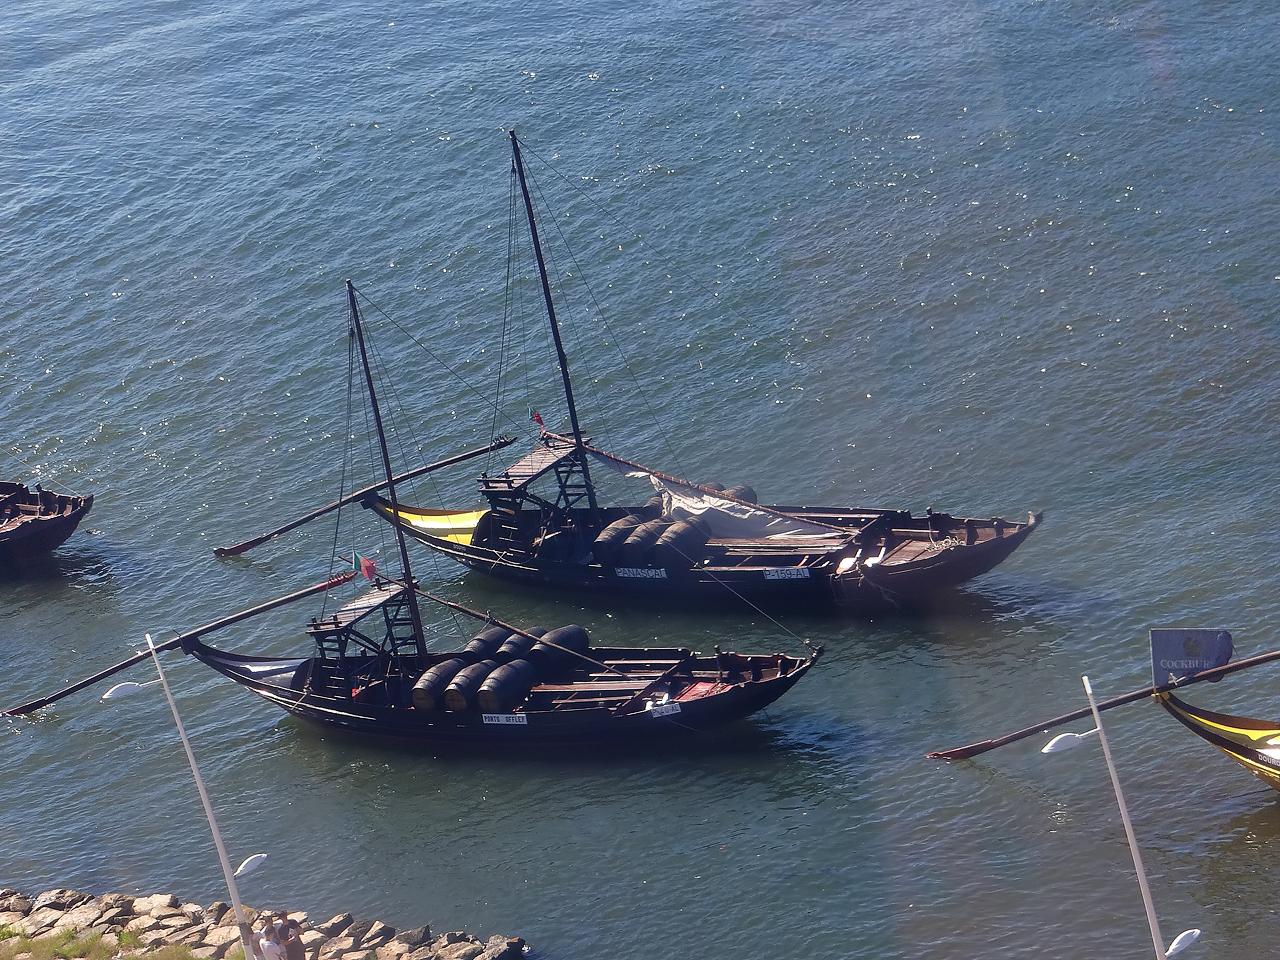 Barques de rabelos typiques